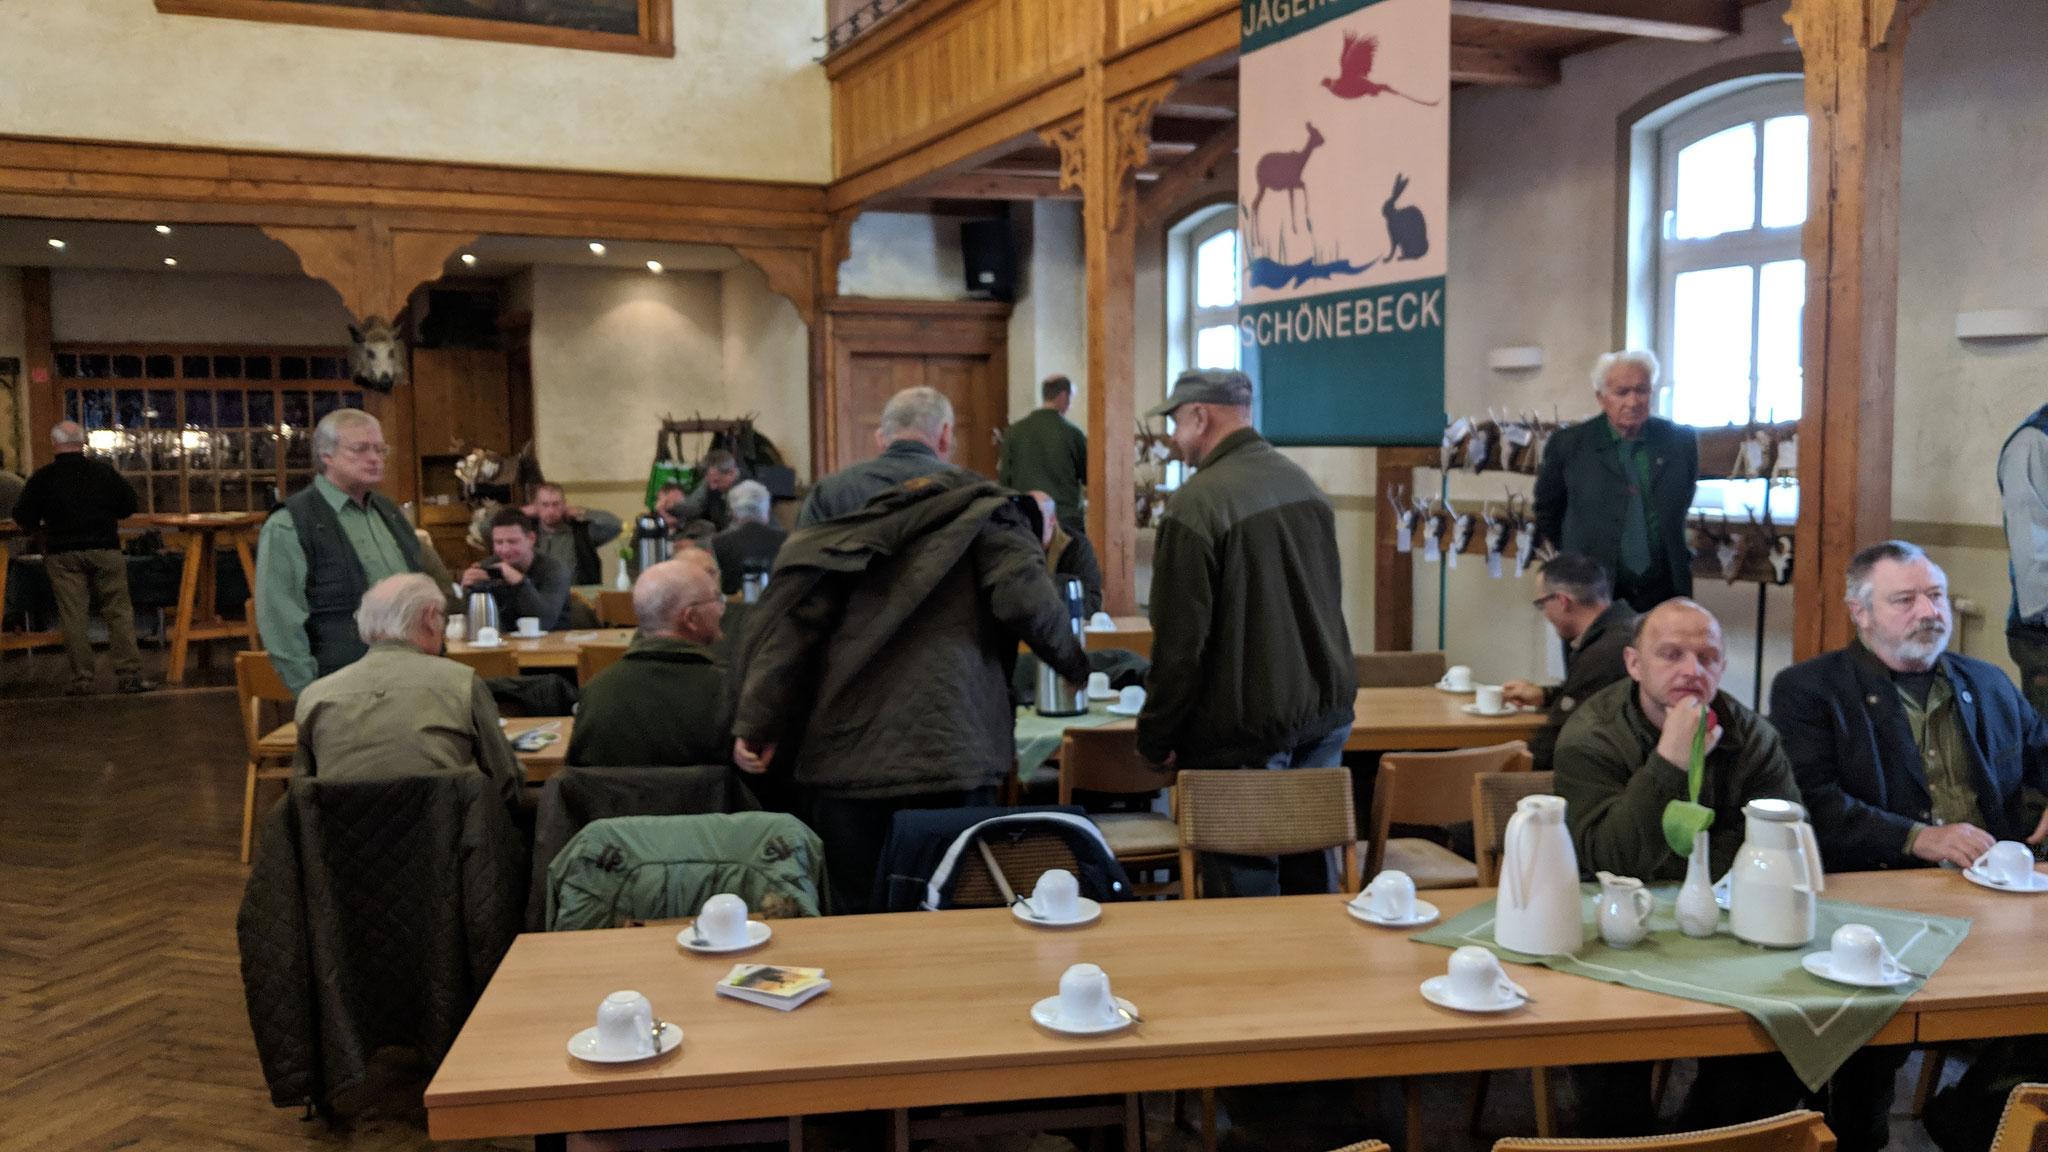 Jahreshauptversammlung der Jägerschaft Schönebeck